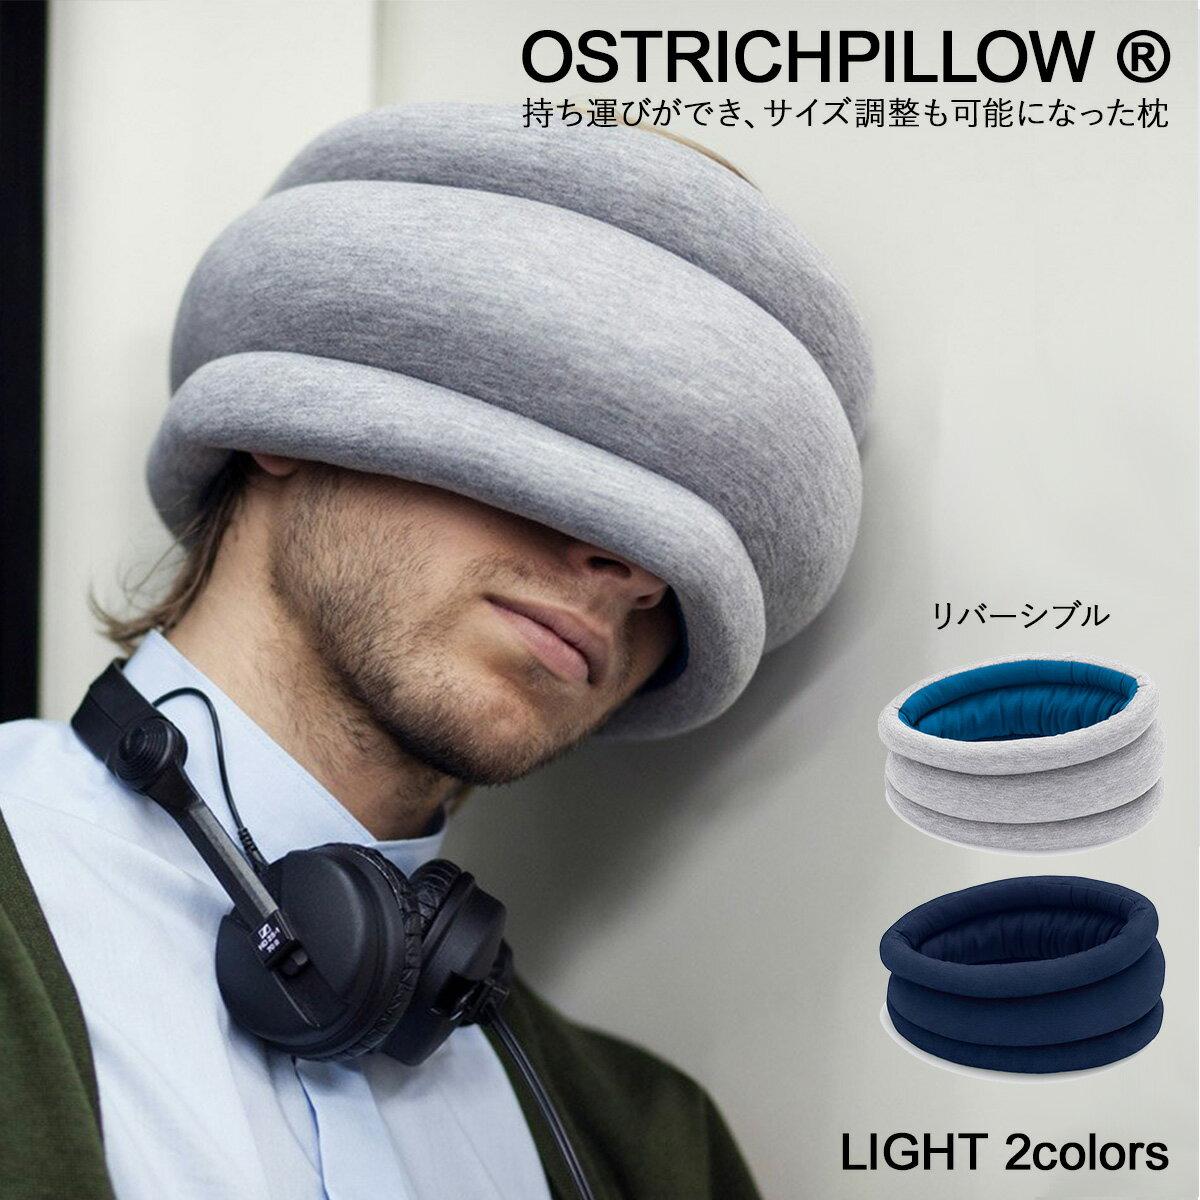 OSTRICH PILLOW ライト オーストリッチピロー LIGHT 枕 うつぶせ まくら オーストリッチ 寝具グッズ グレー ネイビー